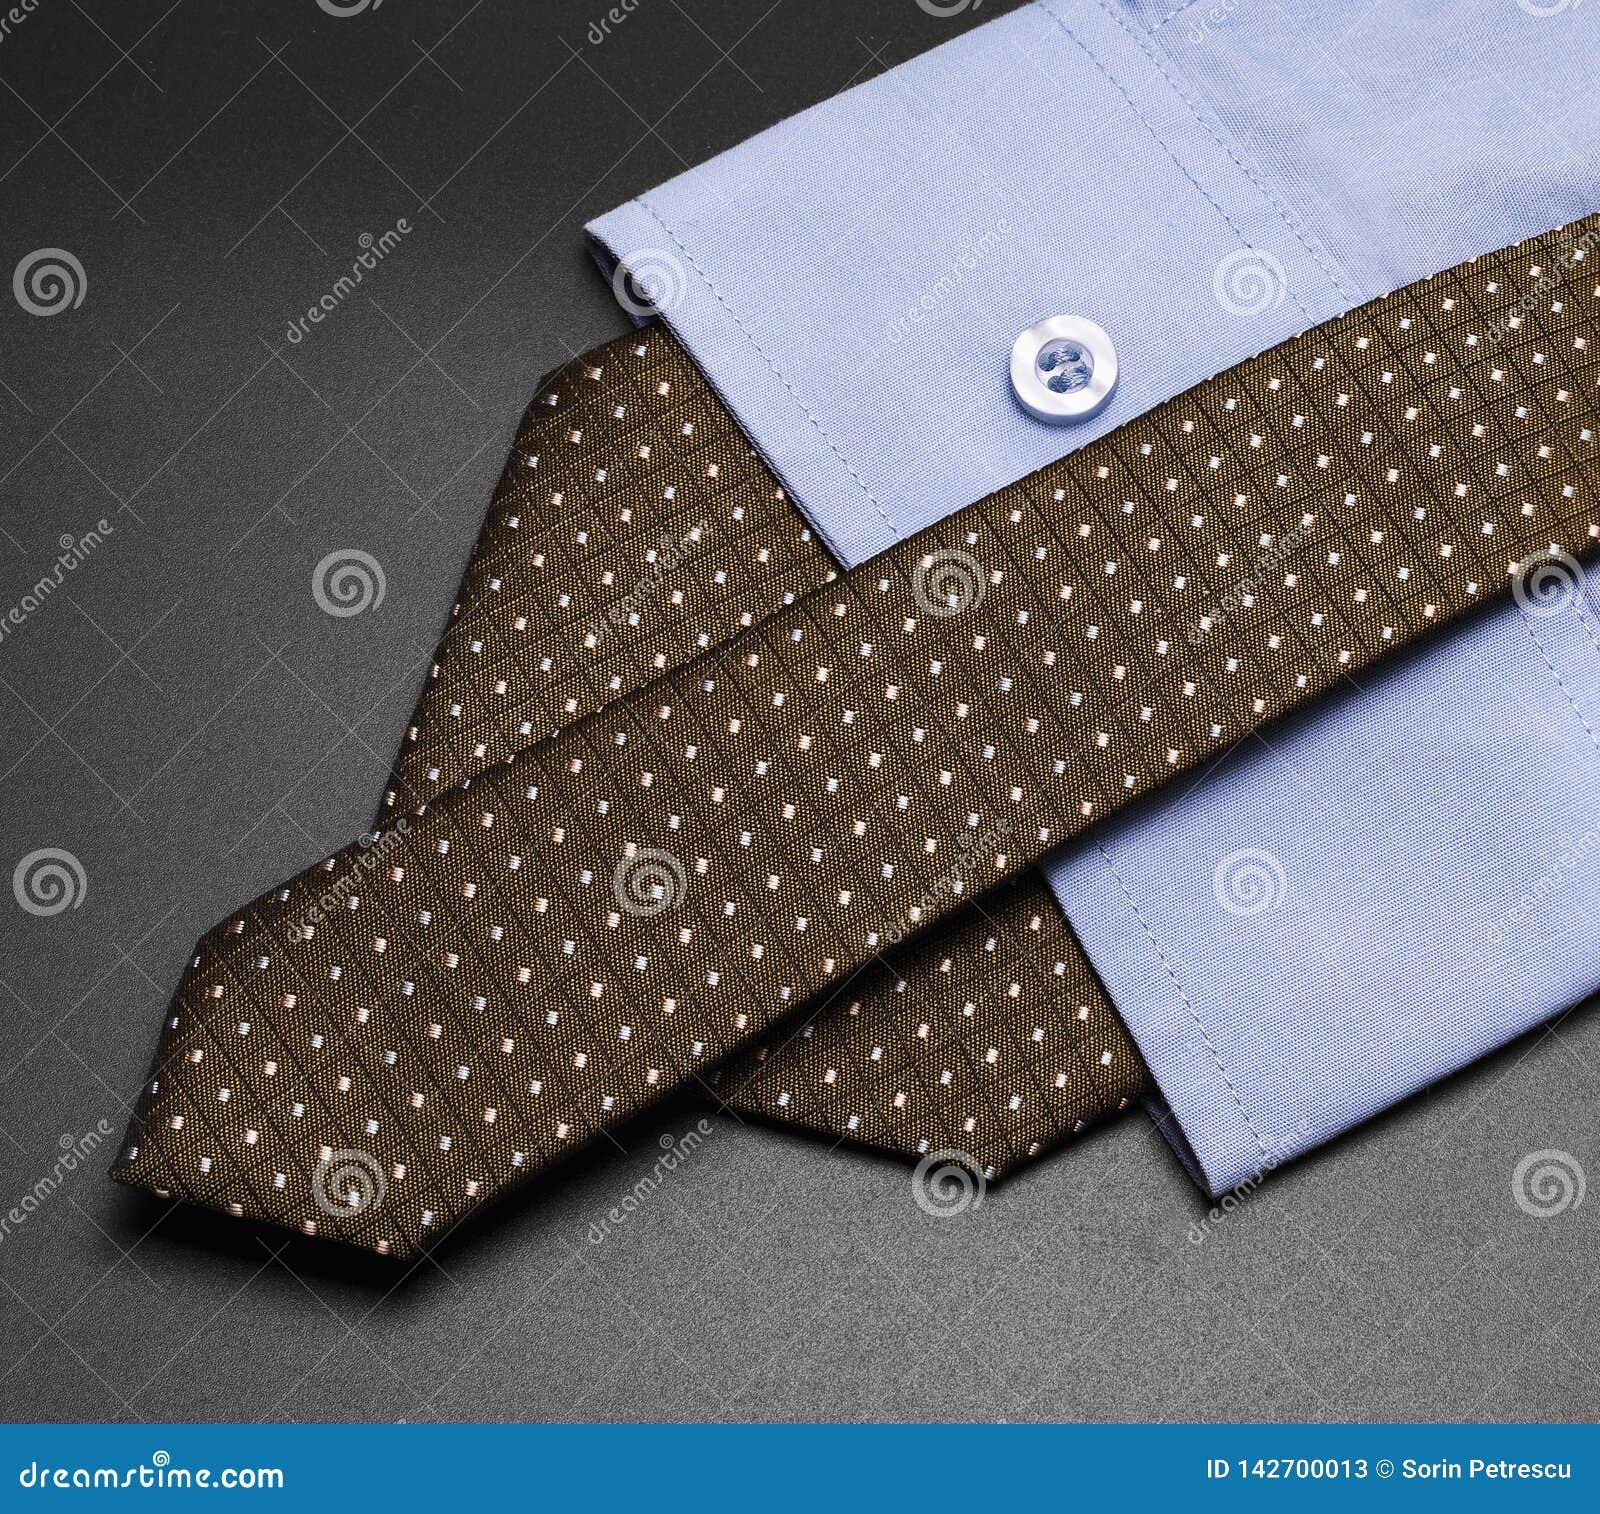 Shirt+tie översätter till elegans